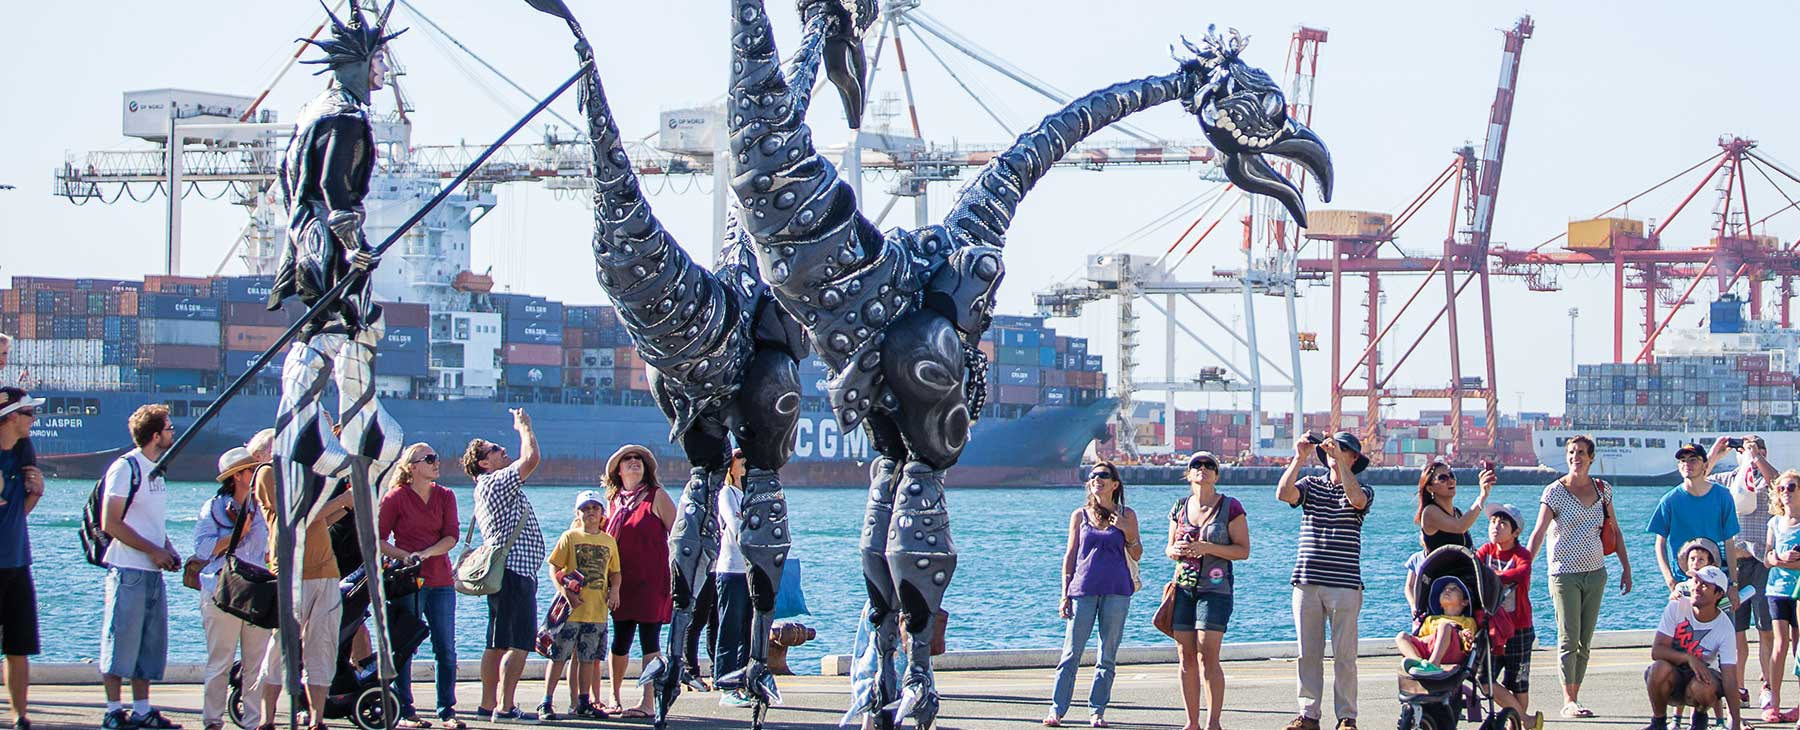 Giant puppets preform on Fremantle docks